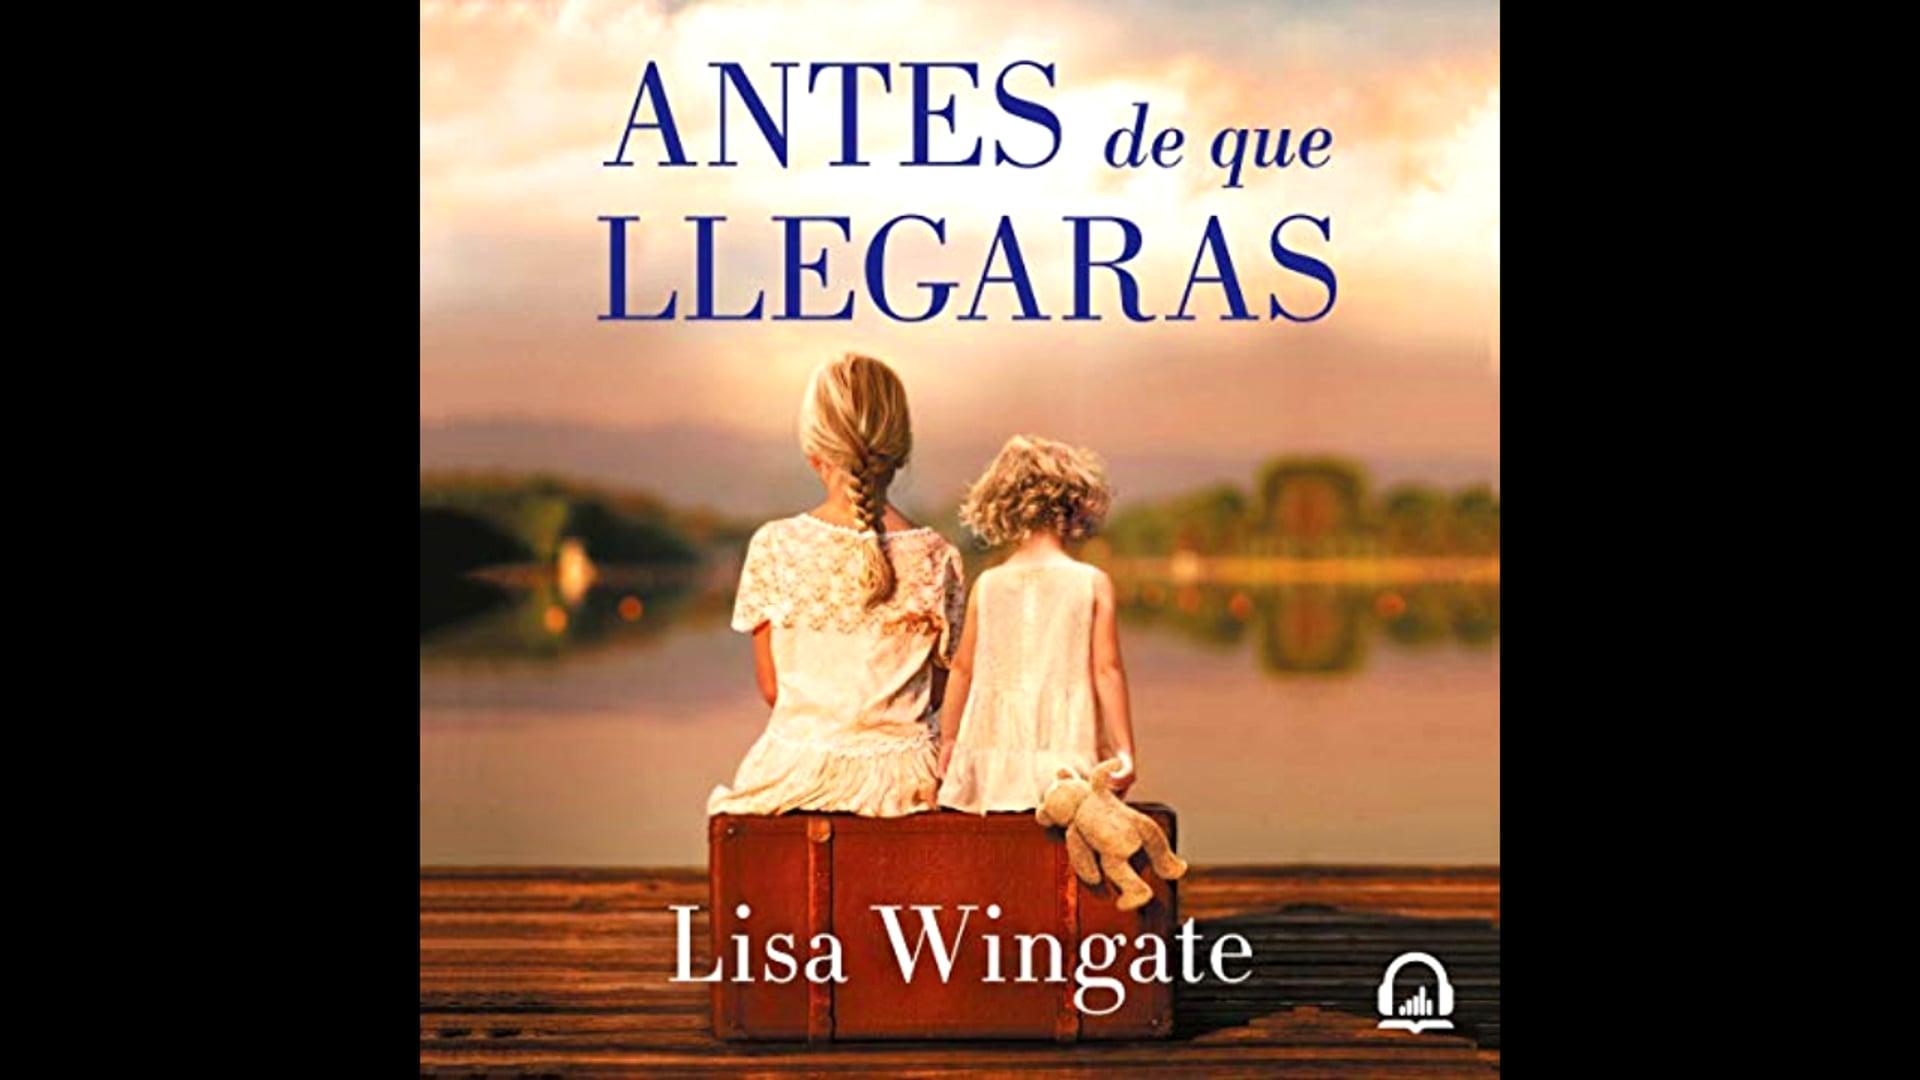 Spanish Audiobook: Antes de que Llegaras - Latin American Spanish